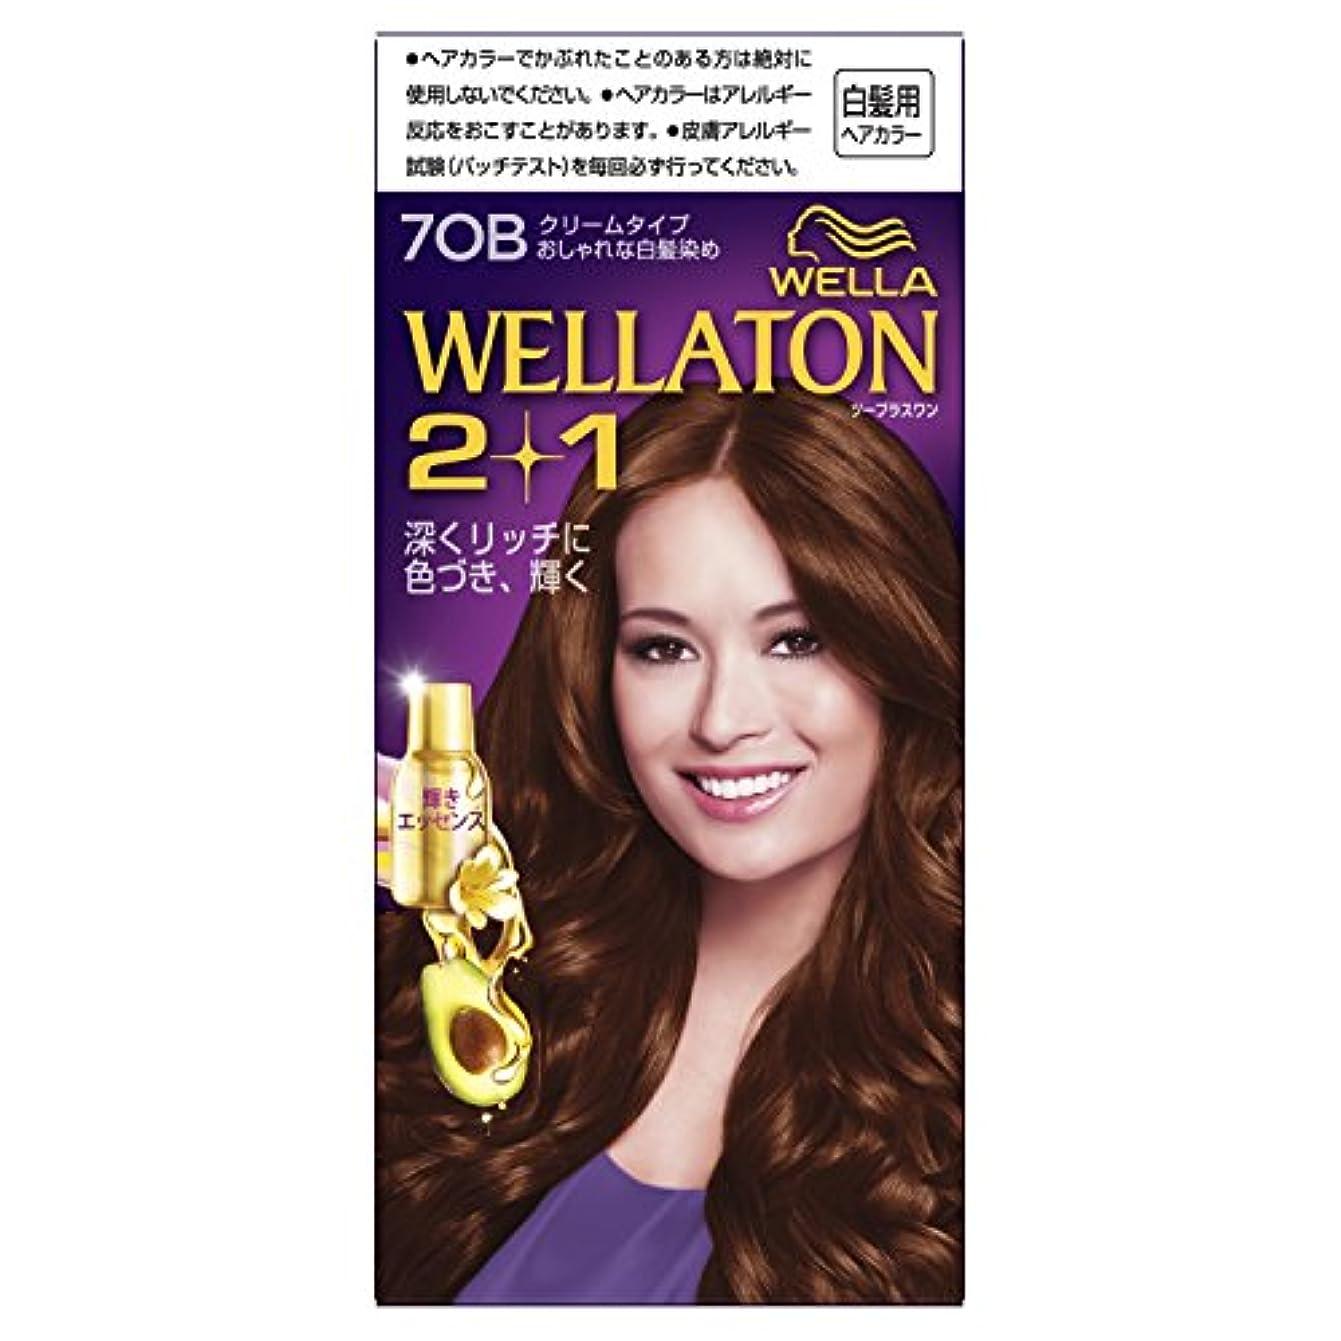 知覚する光沢のある歩くウエラトーン2+1 クリームタイプ 7OB [医薬部外品](おしゃれな白髪染め)